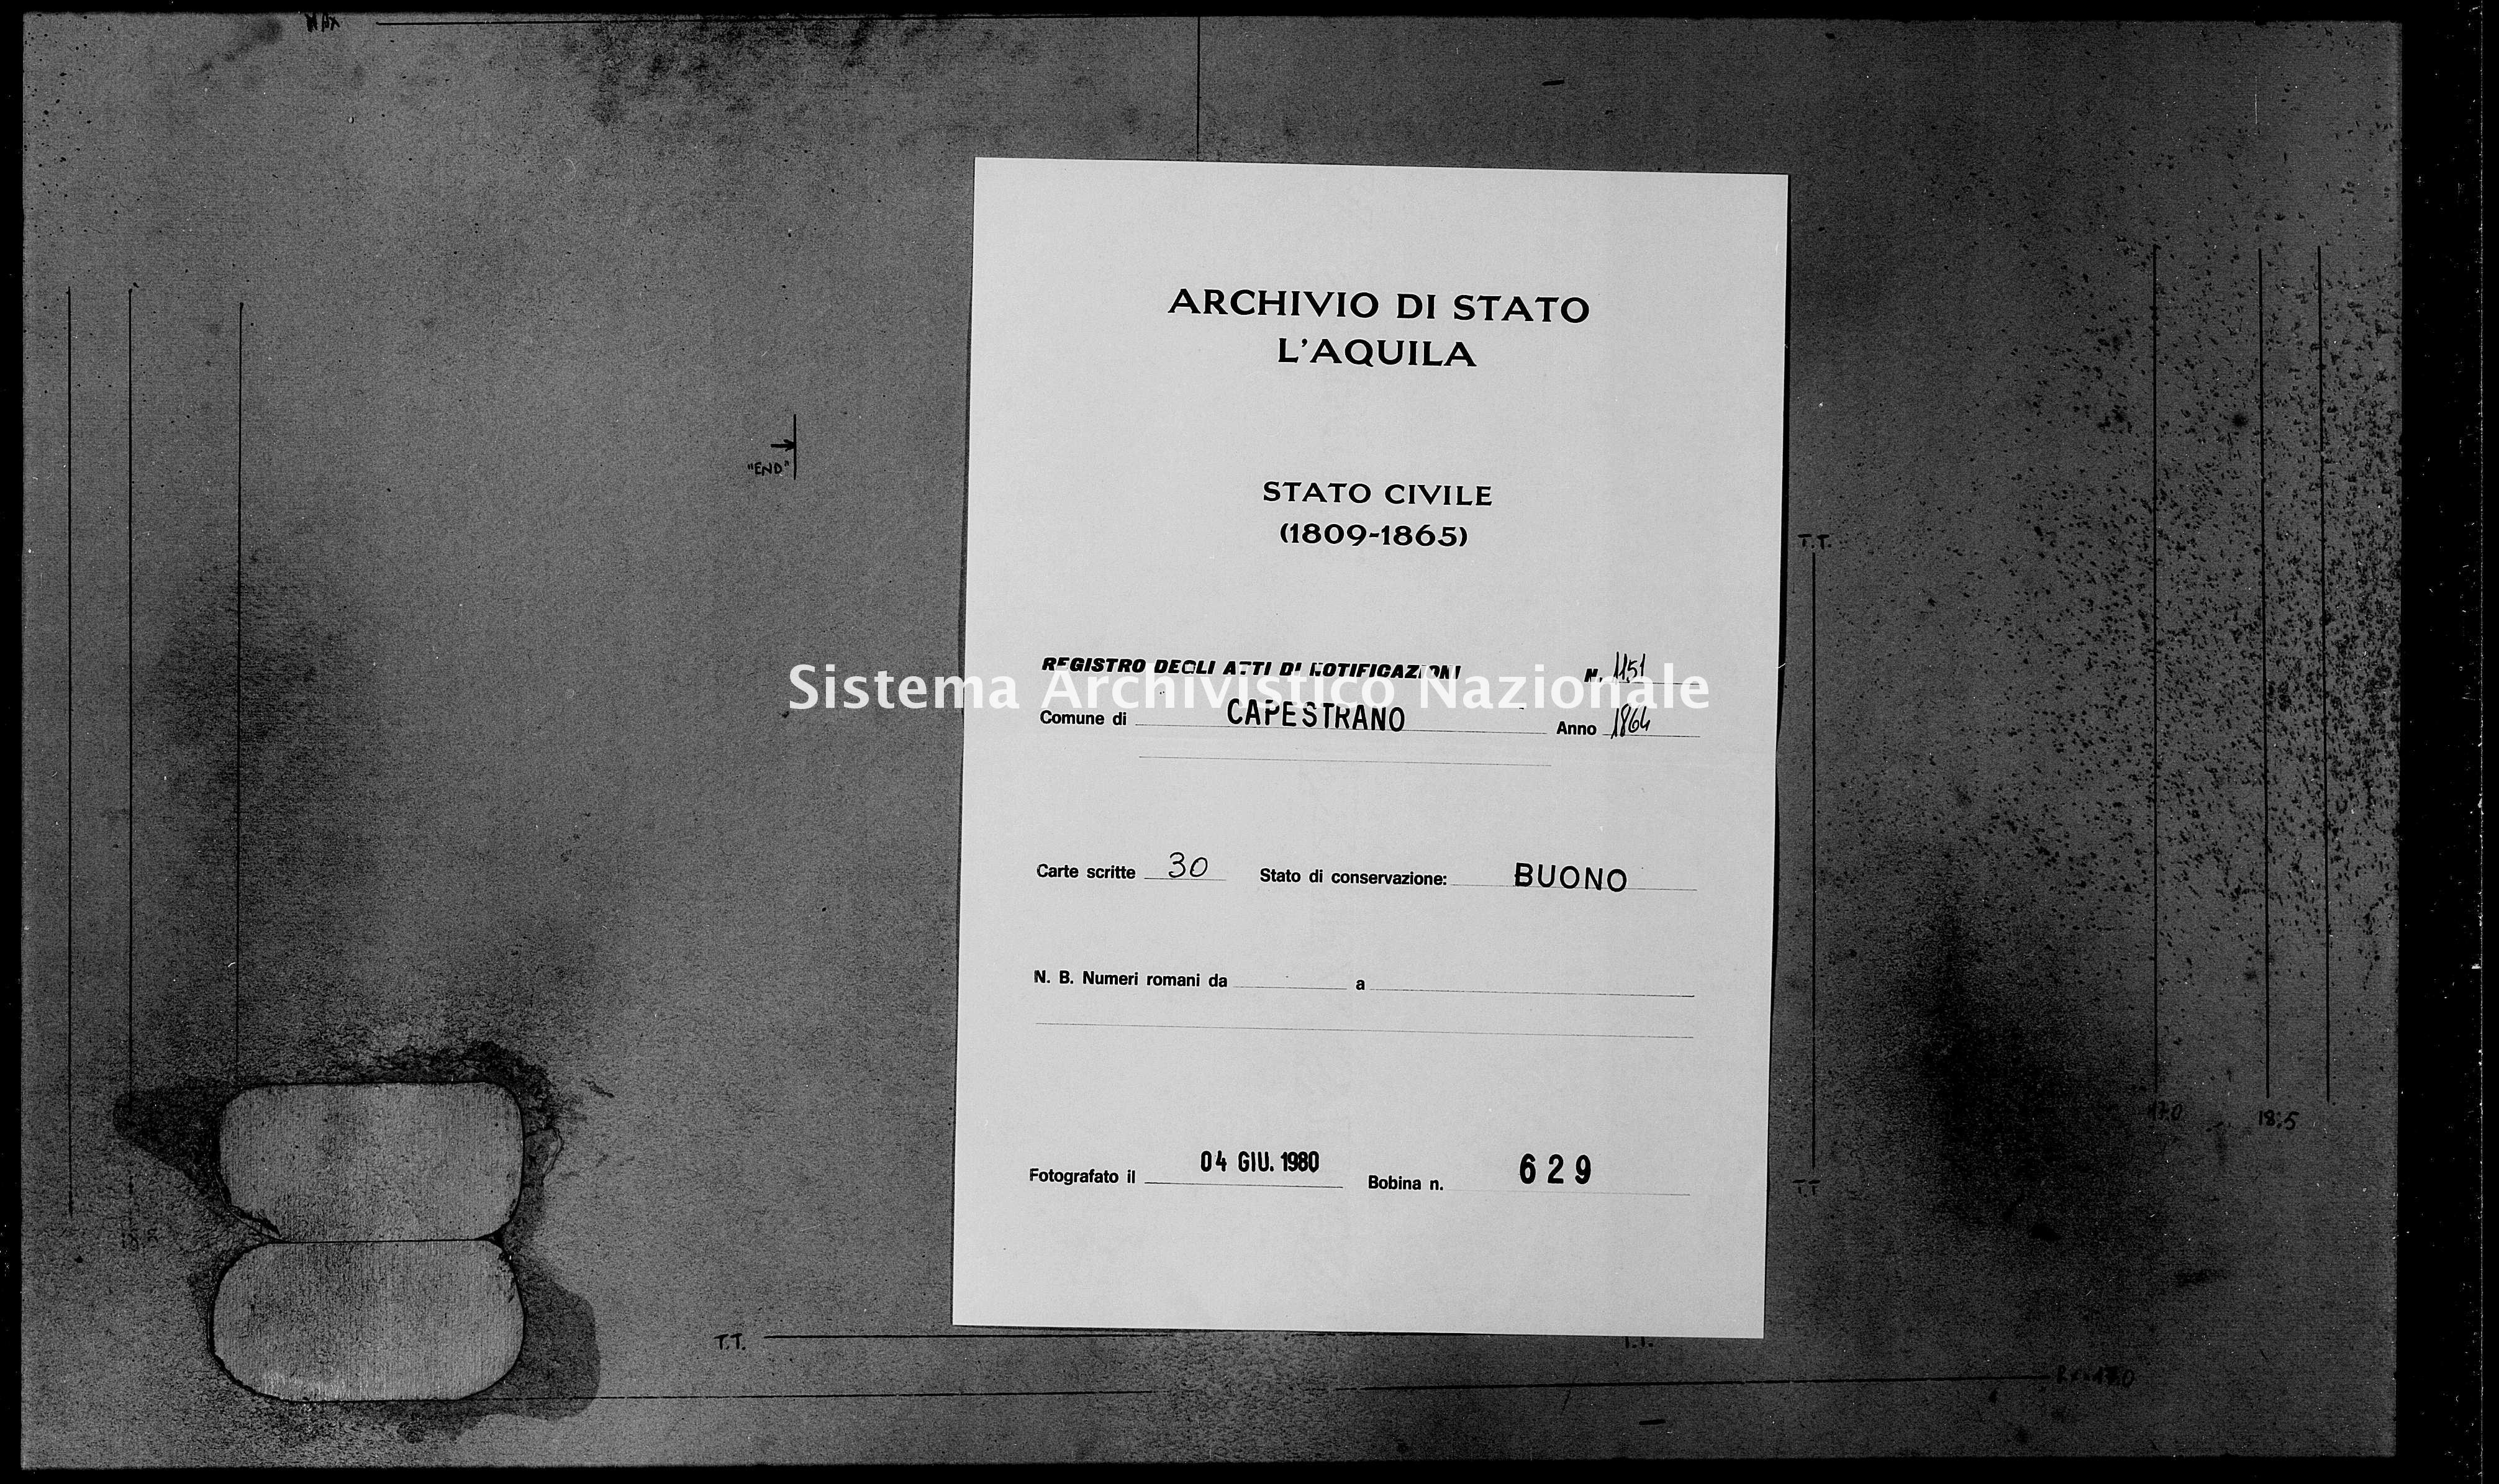 Archivio di stato di L'aquila - Stato civile italiano - Capestrano - Matrimoni, memorandum notificazioni ed opposizioni - 1864 - 1151 -